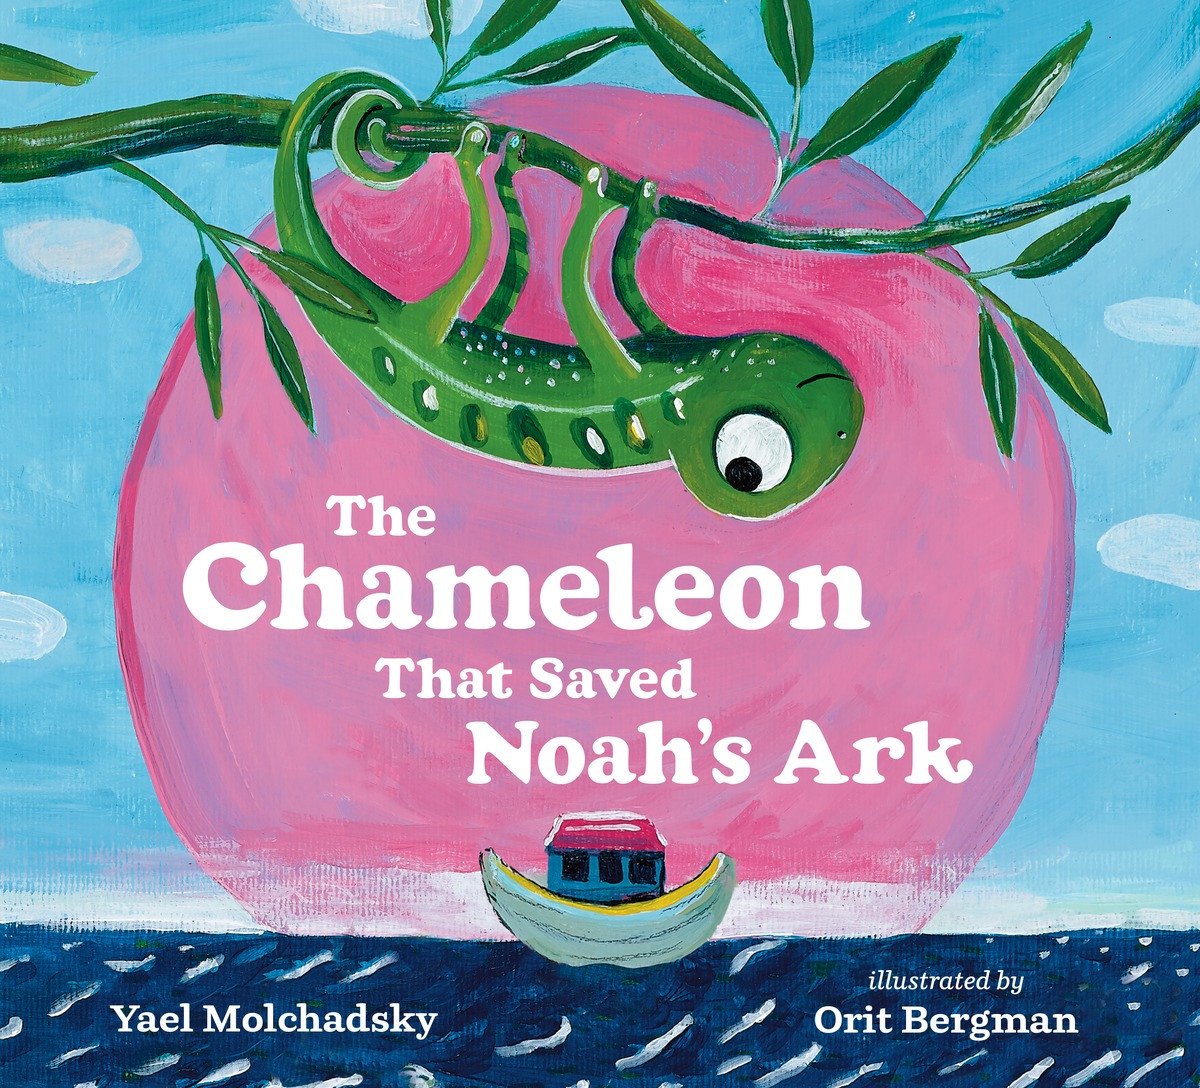 The Chameleon that Saved Noah's Ark